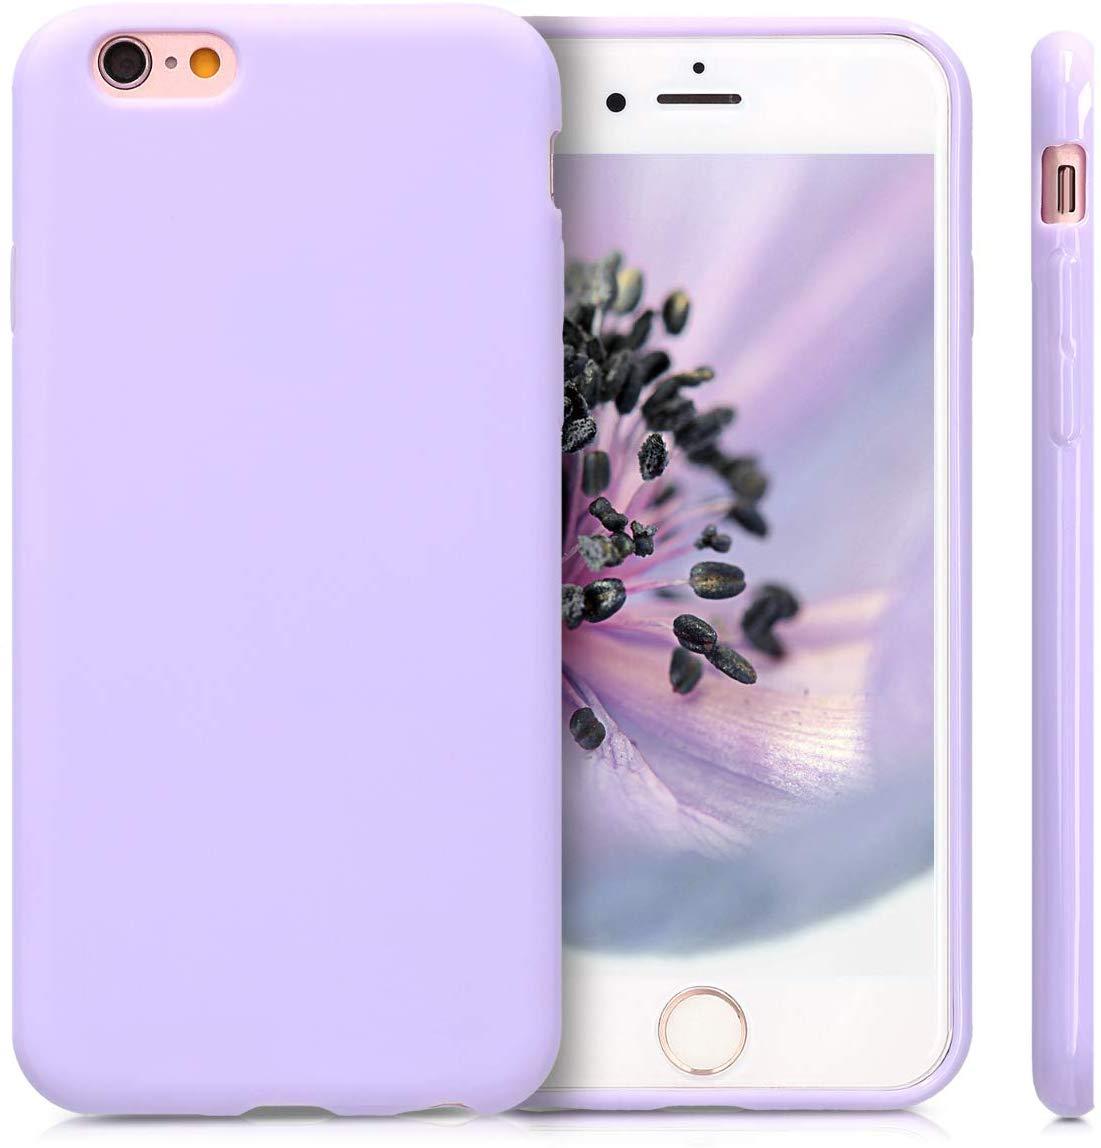 Guide d'achat : choisir la meilleure coque iPhone 6 ou 6S - Le Ludiste